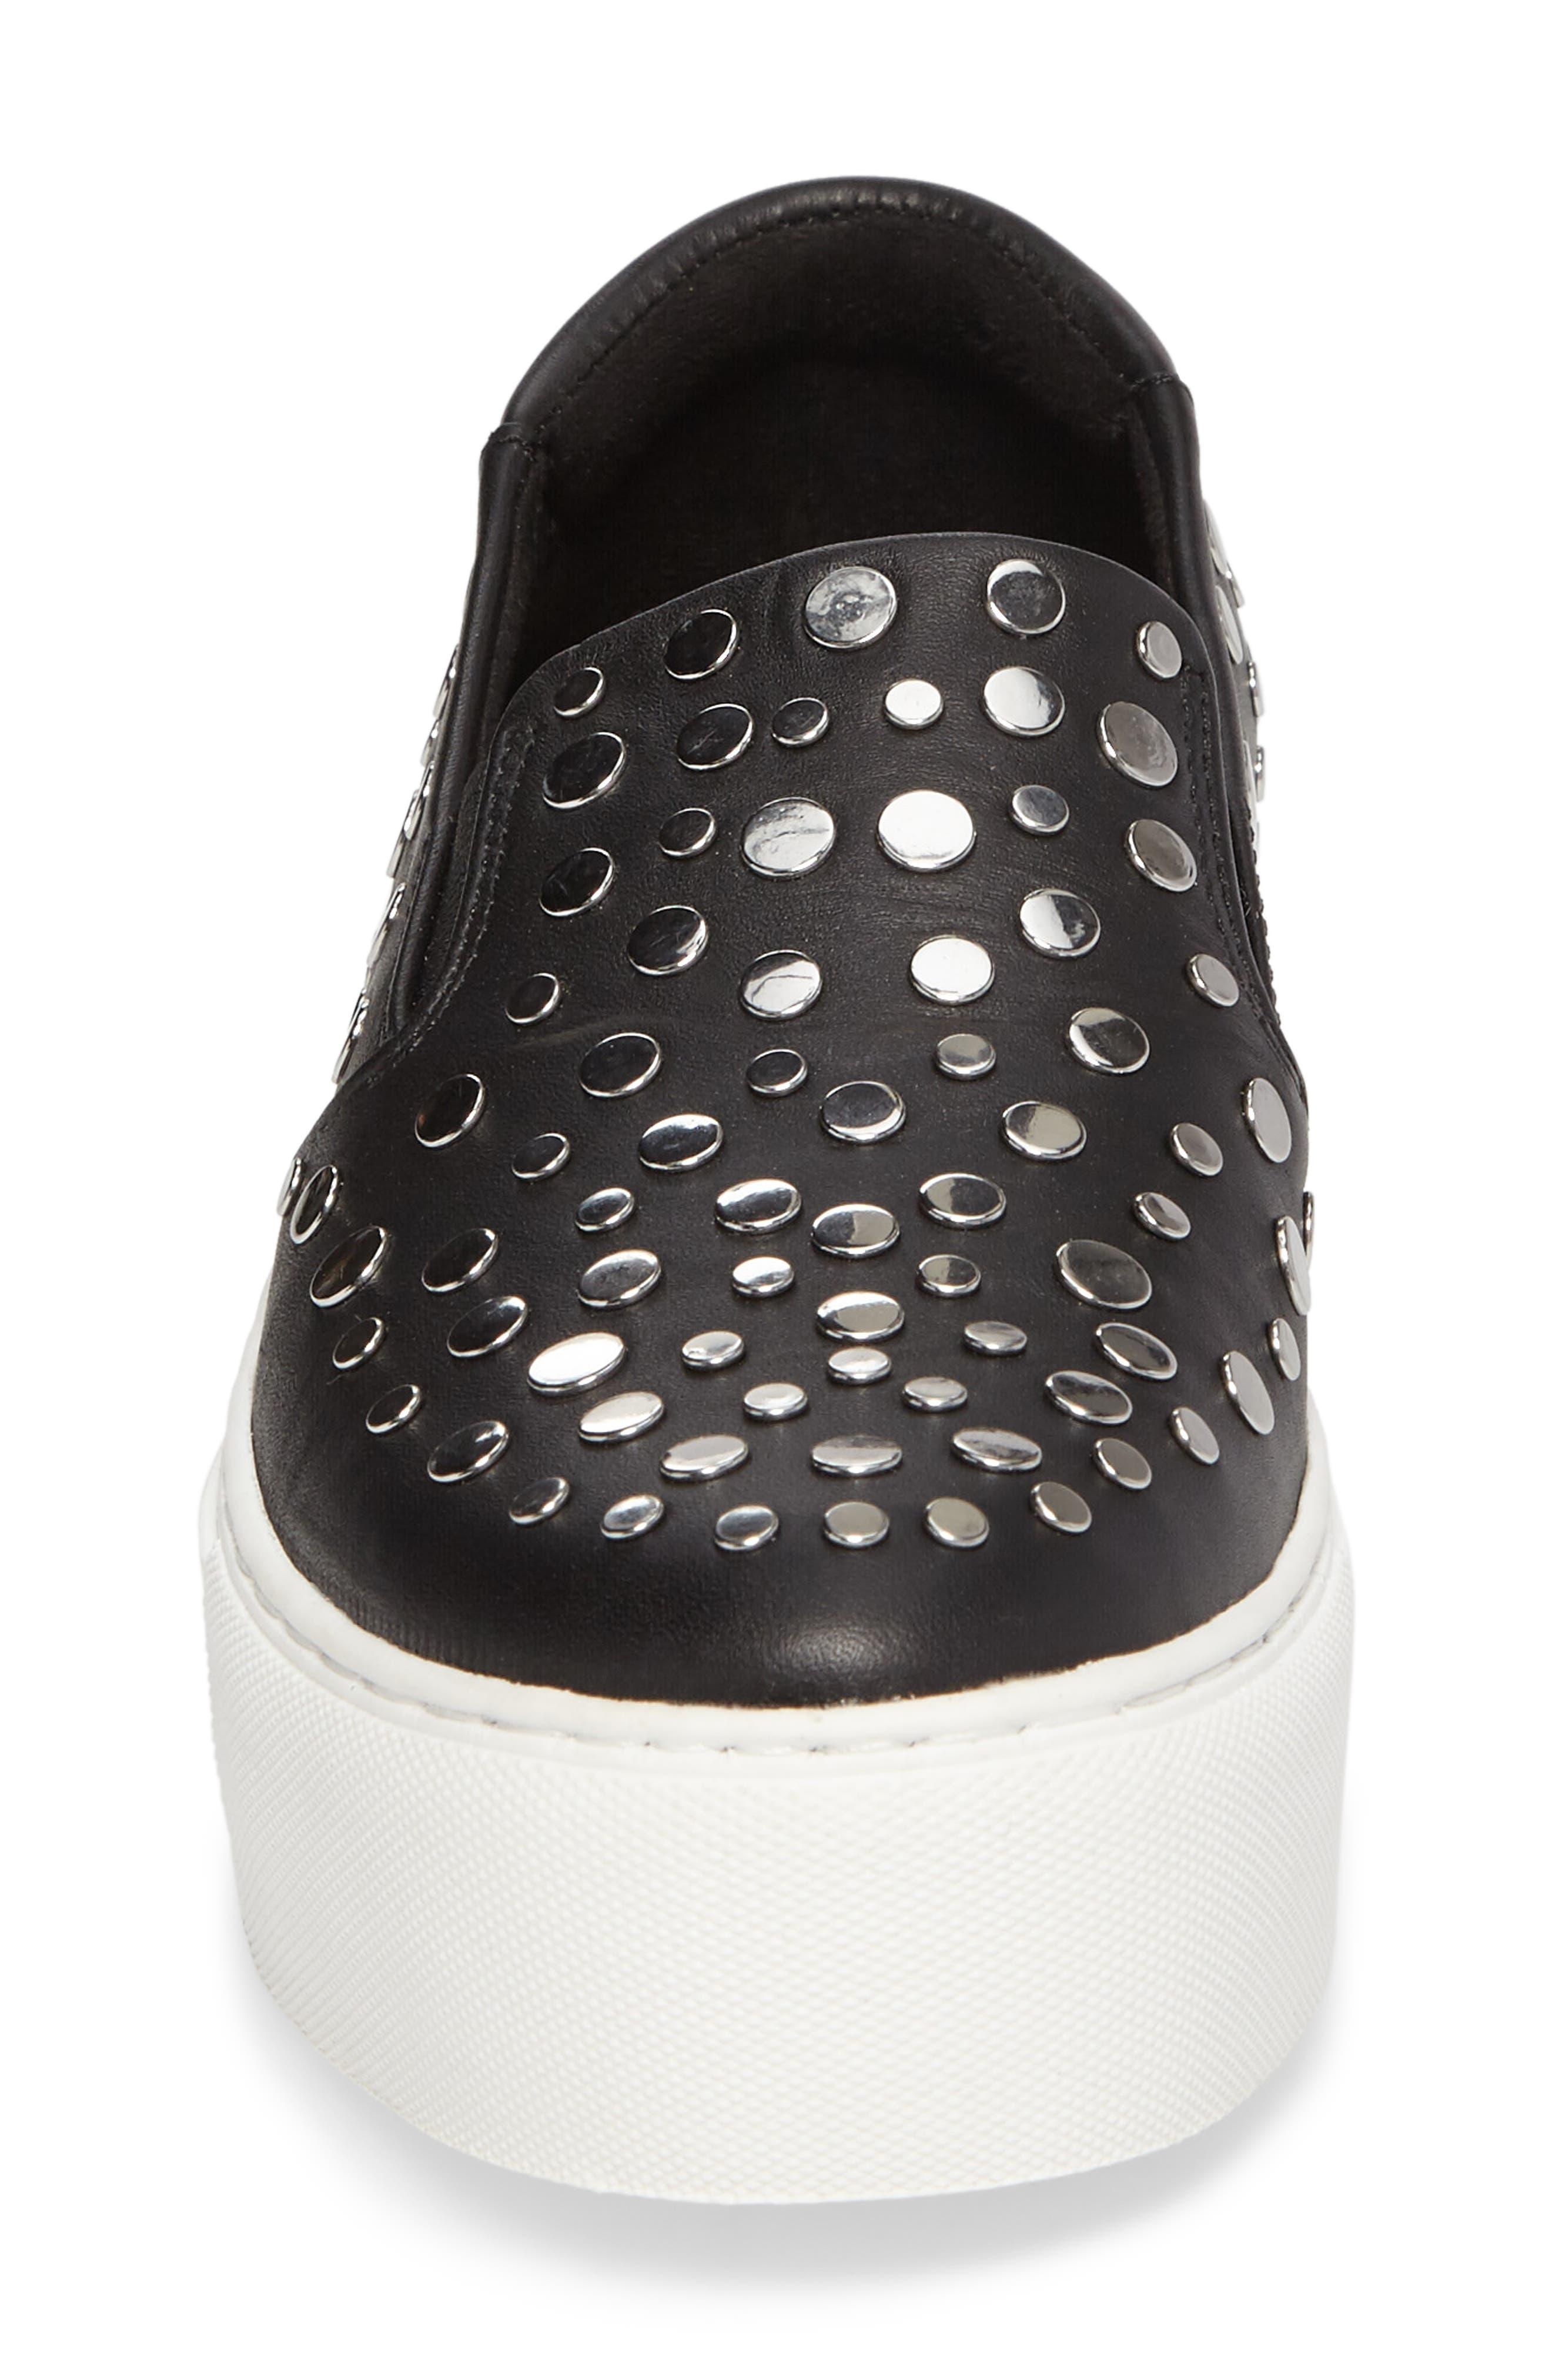 Jeyda Slip-On Sneaker,                             Alternate thumbnail 4, color,                             001